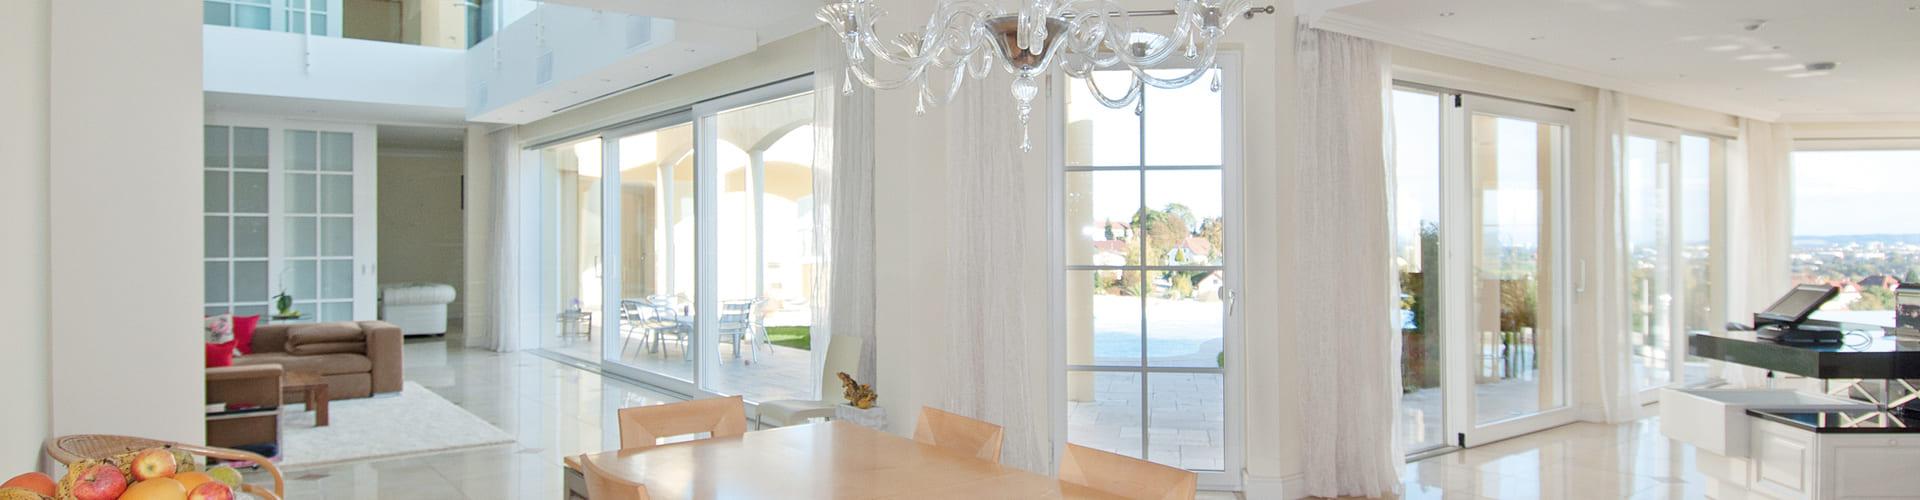 Internorm Fenster weiß